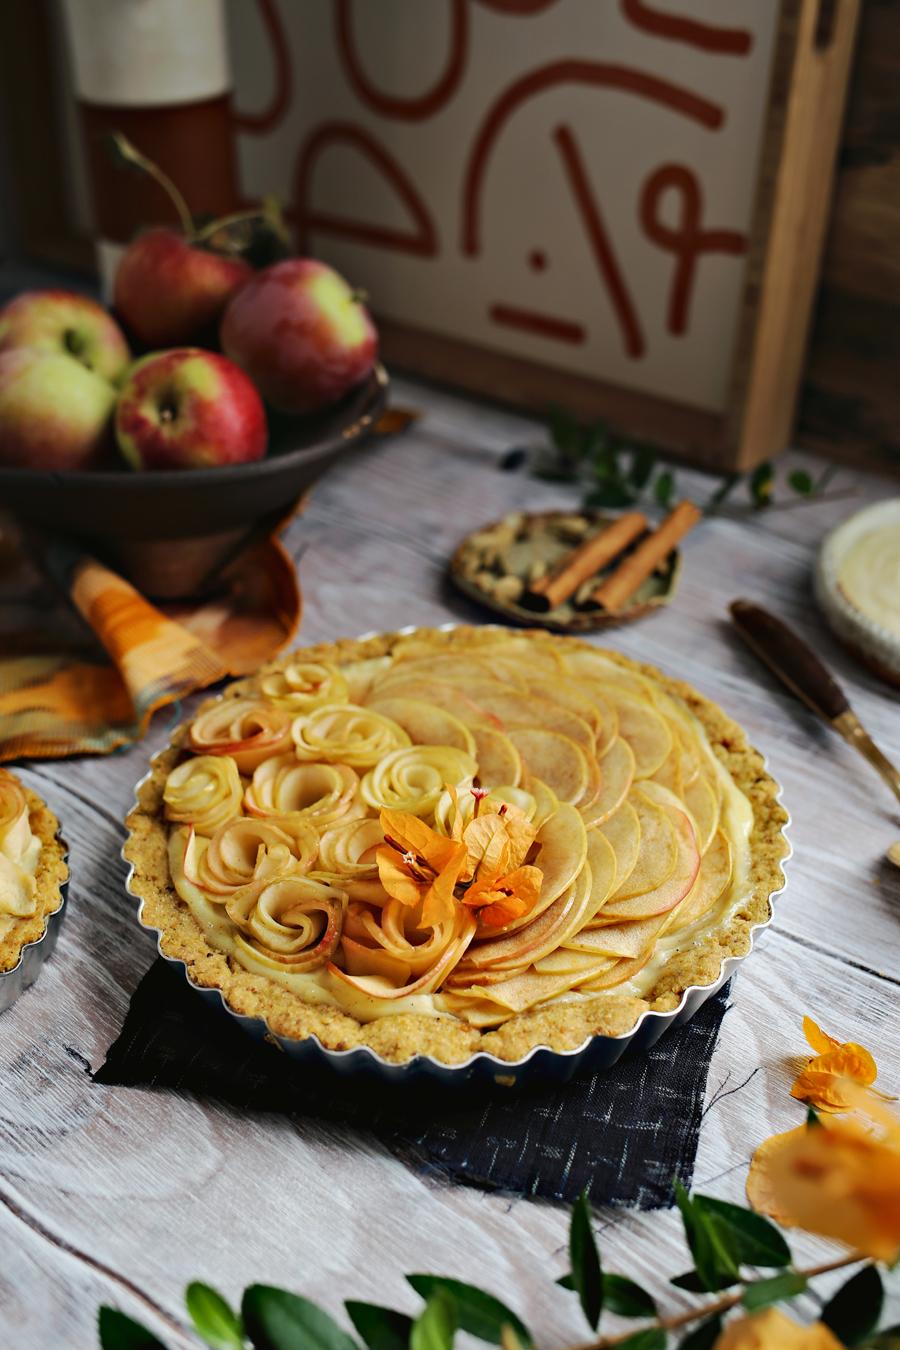 07_Apple-Cardamon-Tart-Recipe-Dine-X-Design.jpg